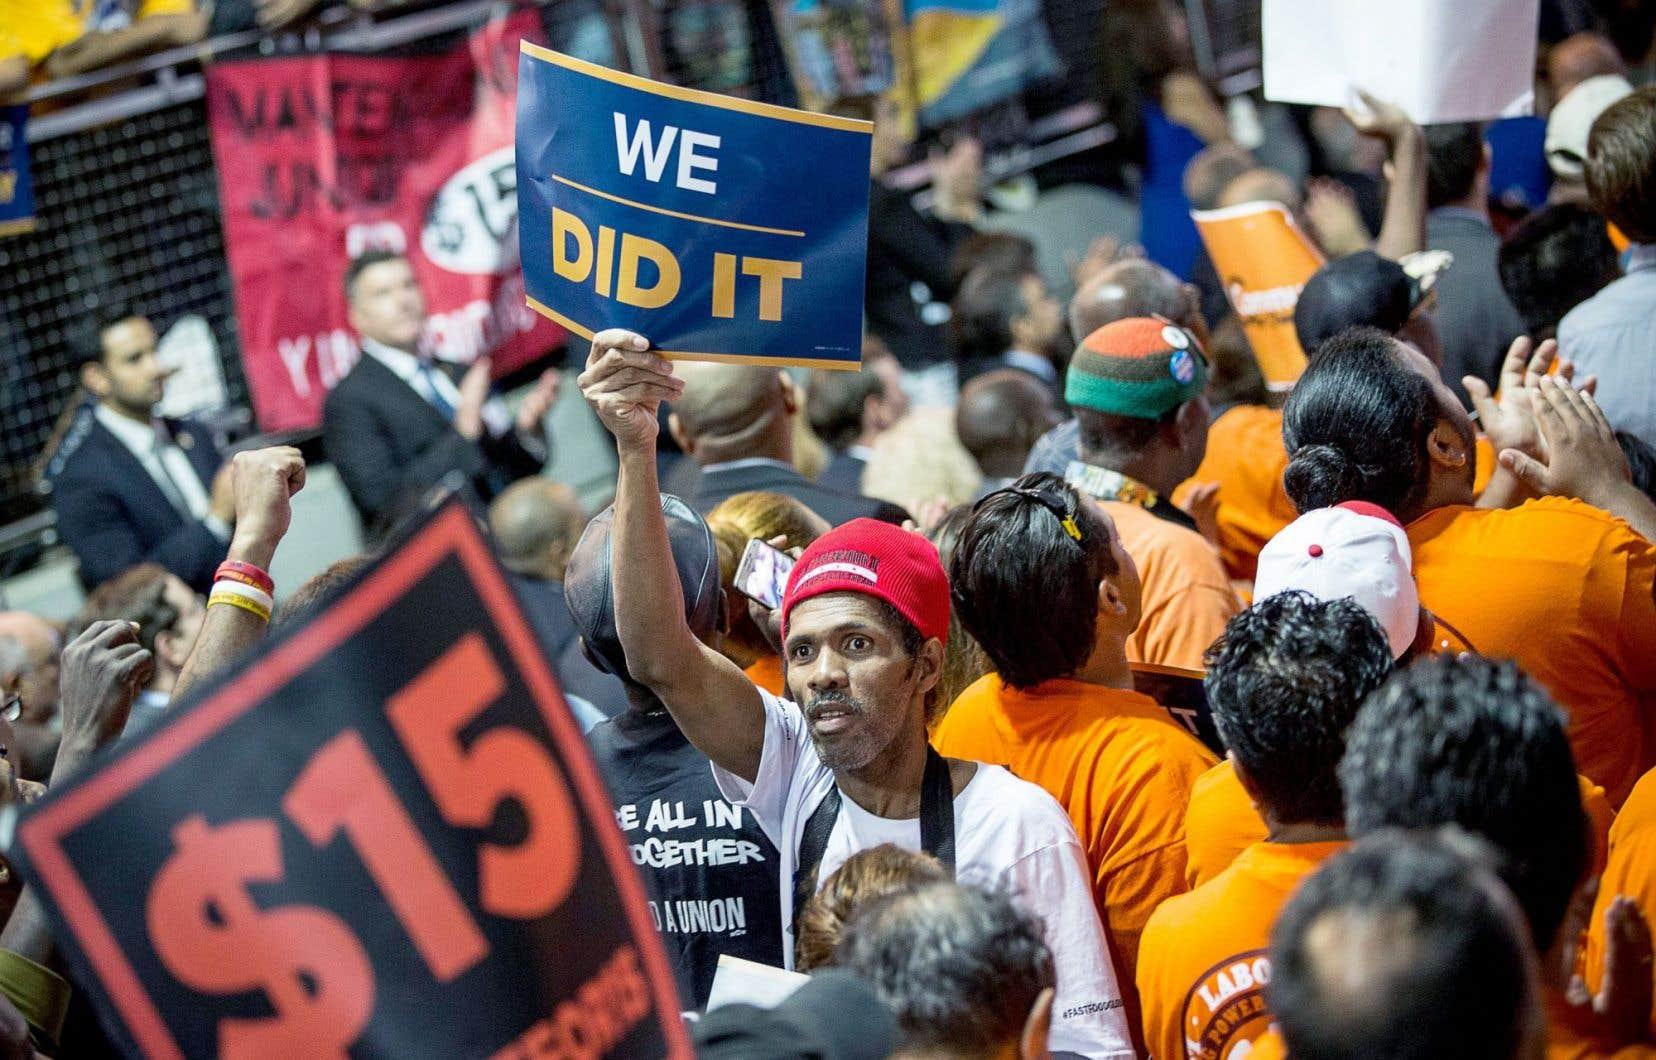 Aux États-Unis, les travailleurs à bas salaire se battent depuis des mois pour obtenir que le salaire minimum soit porté à 15$US l'heure. Au Québec, une étude démontre qu'un «salaire viable» devrait être de 15,10$ l'heure.